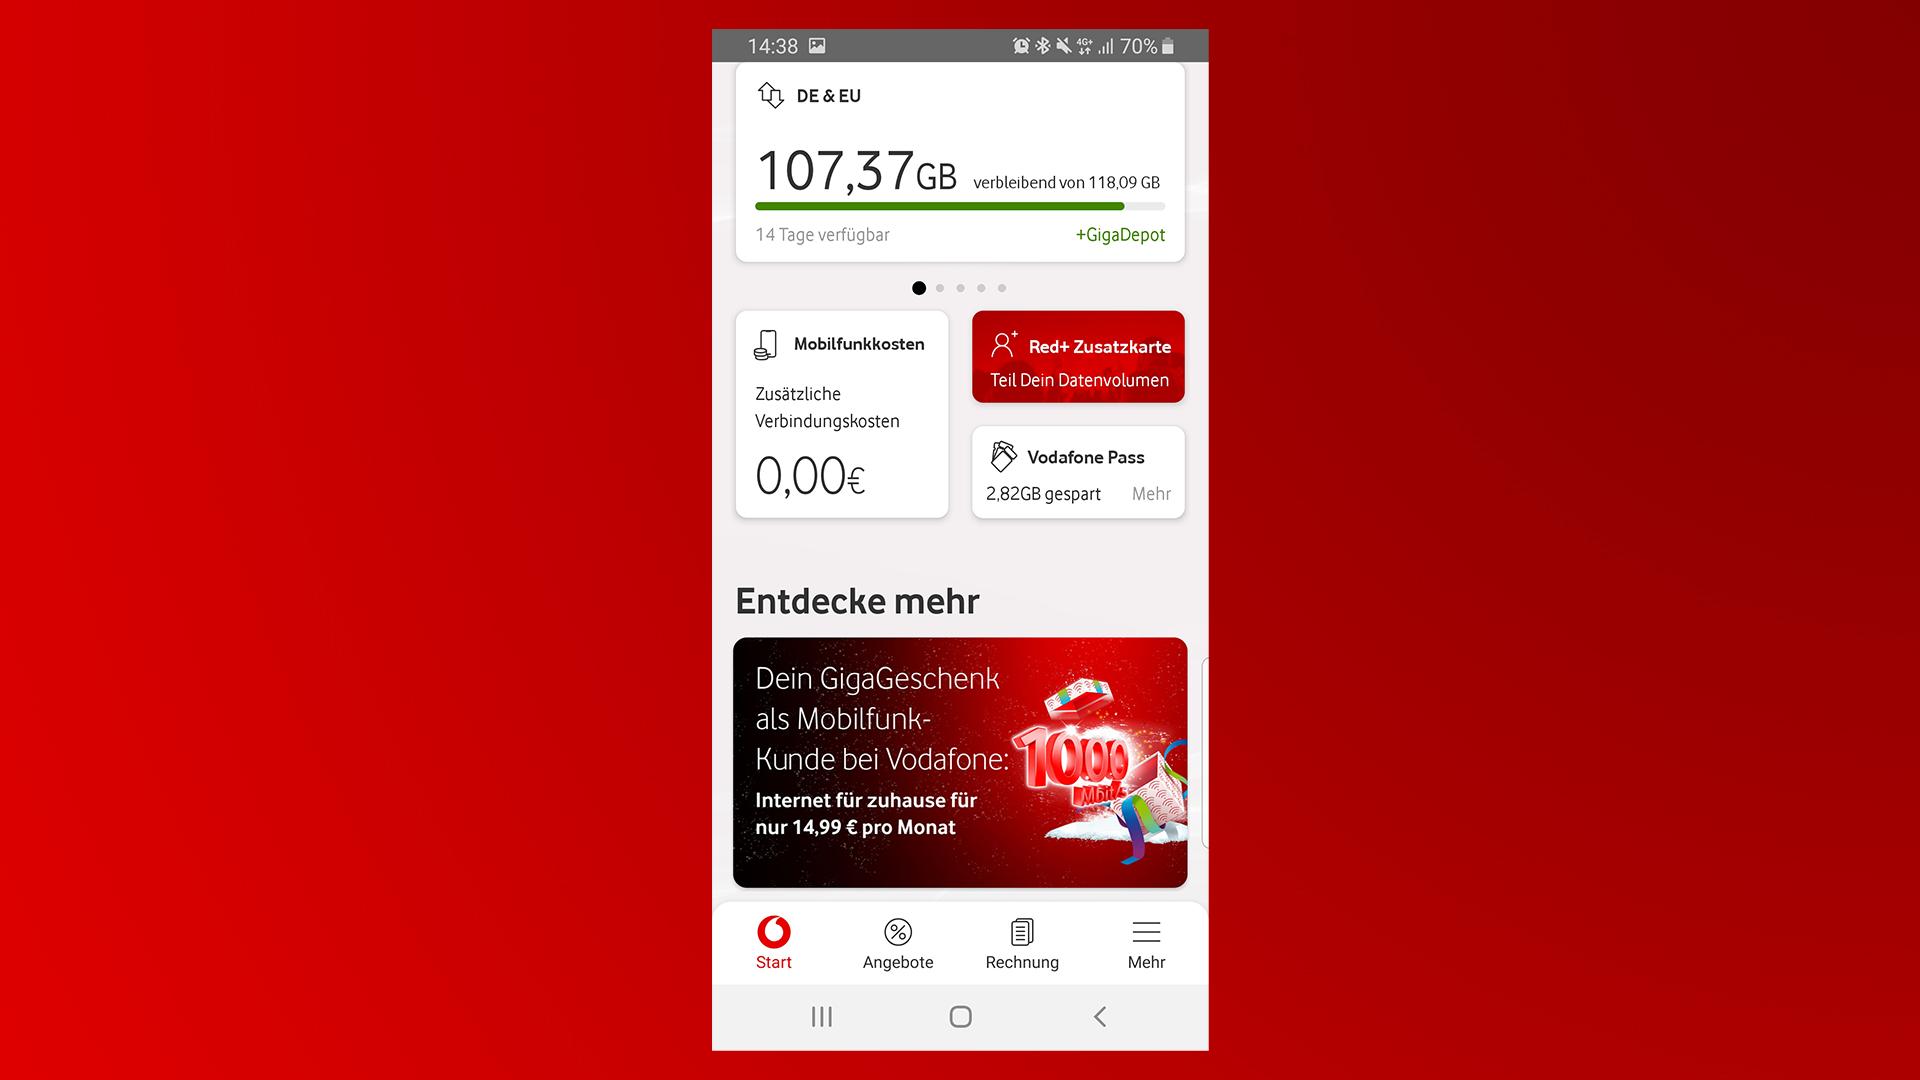 Das Startmenü der MeinVodafone-App.